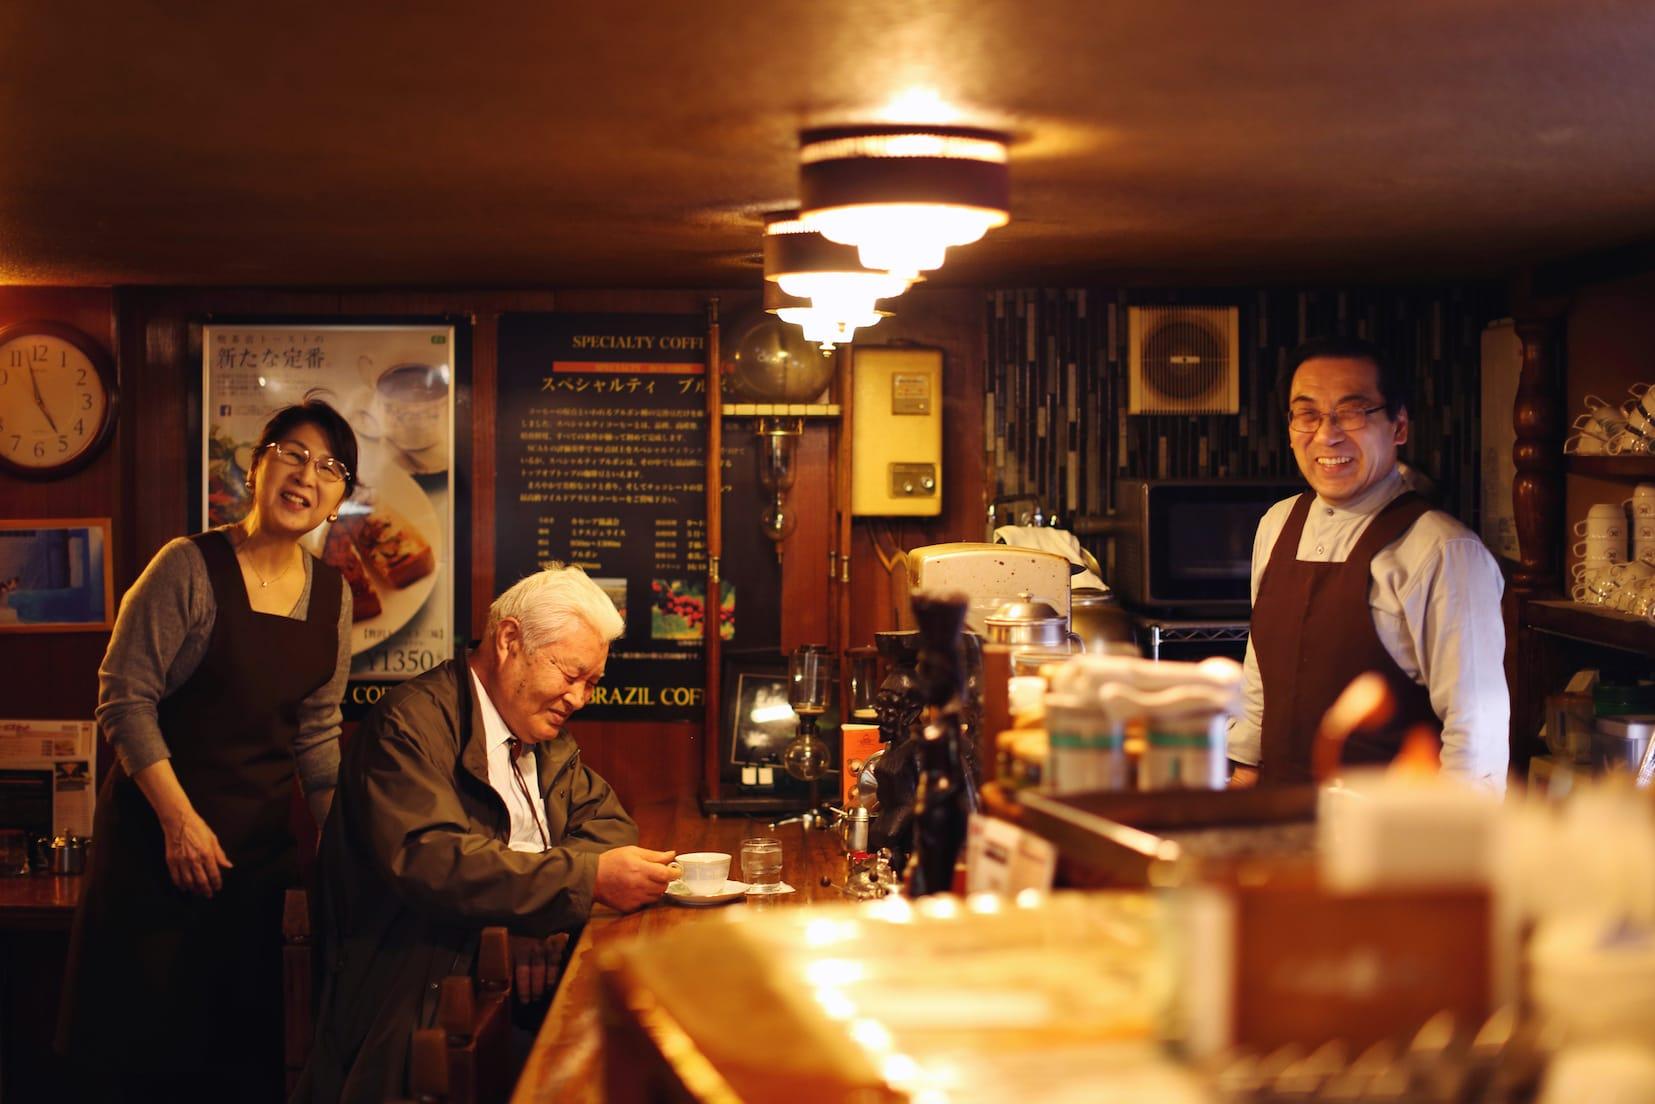 県庁近くにある「ブラジルコーヒー商会」は昔ながらの喫茶店。掛川さんが初めてお店に訪れた時、店員さんが亡き母に雰囲気が似ていて驚いたという。心温まる接客で居心地が良い。